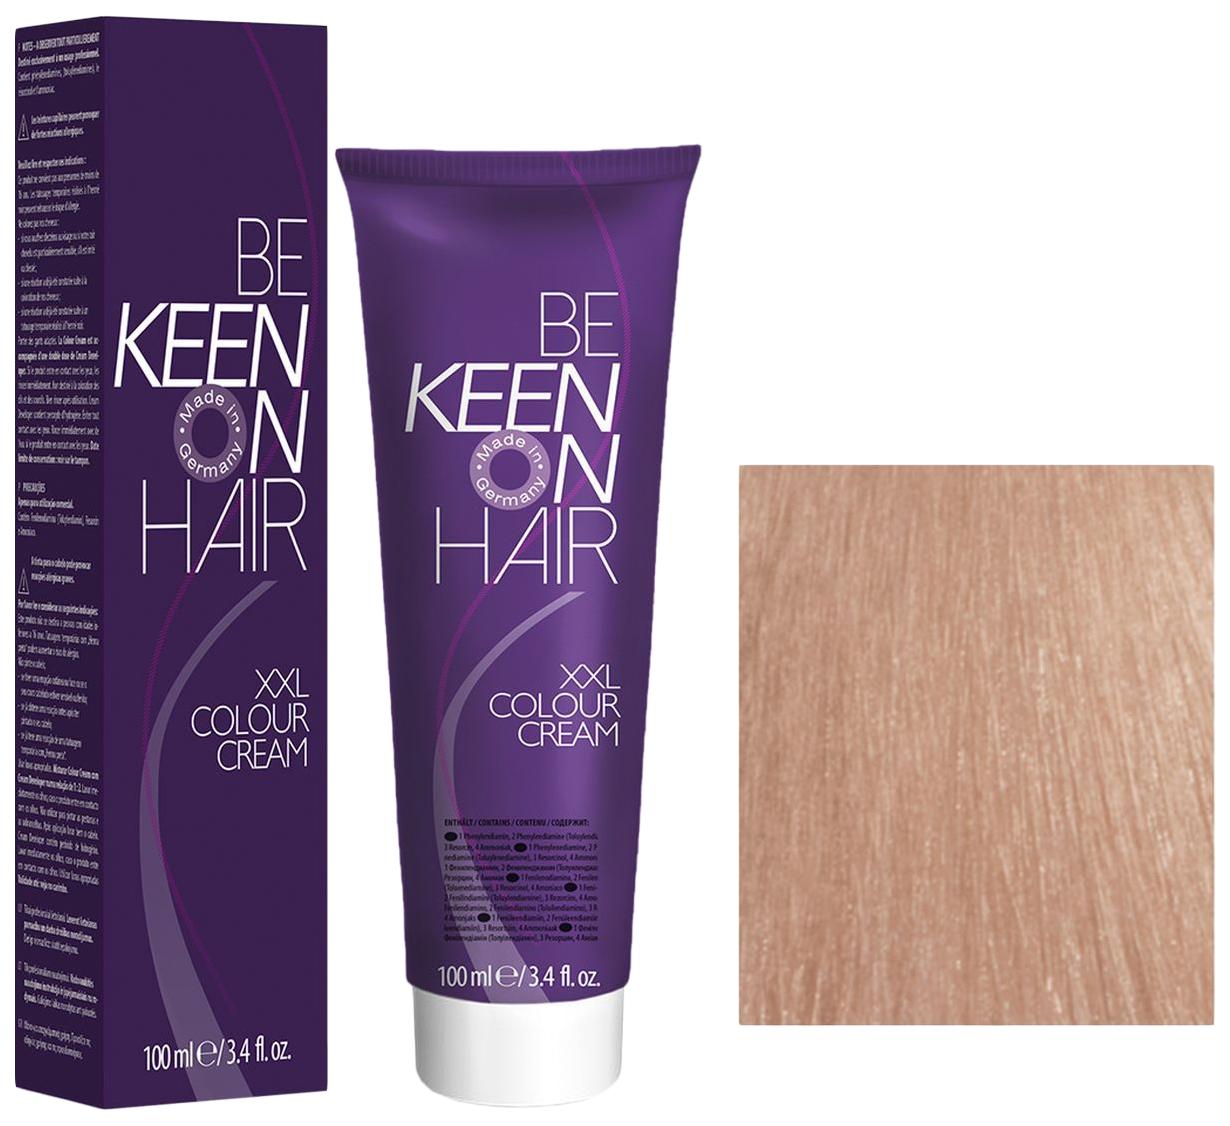 Кин косметика для волос купить эмульгаторы косметика купить